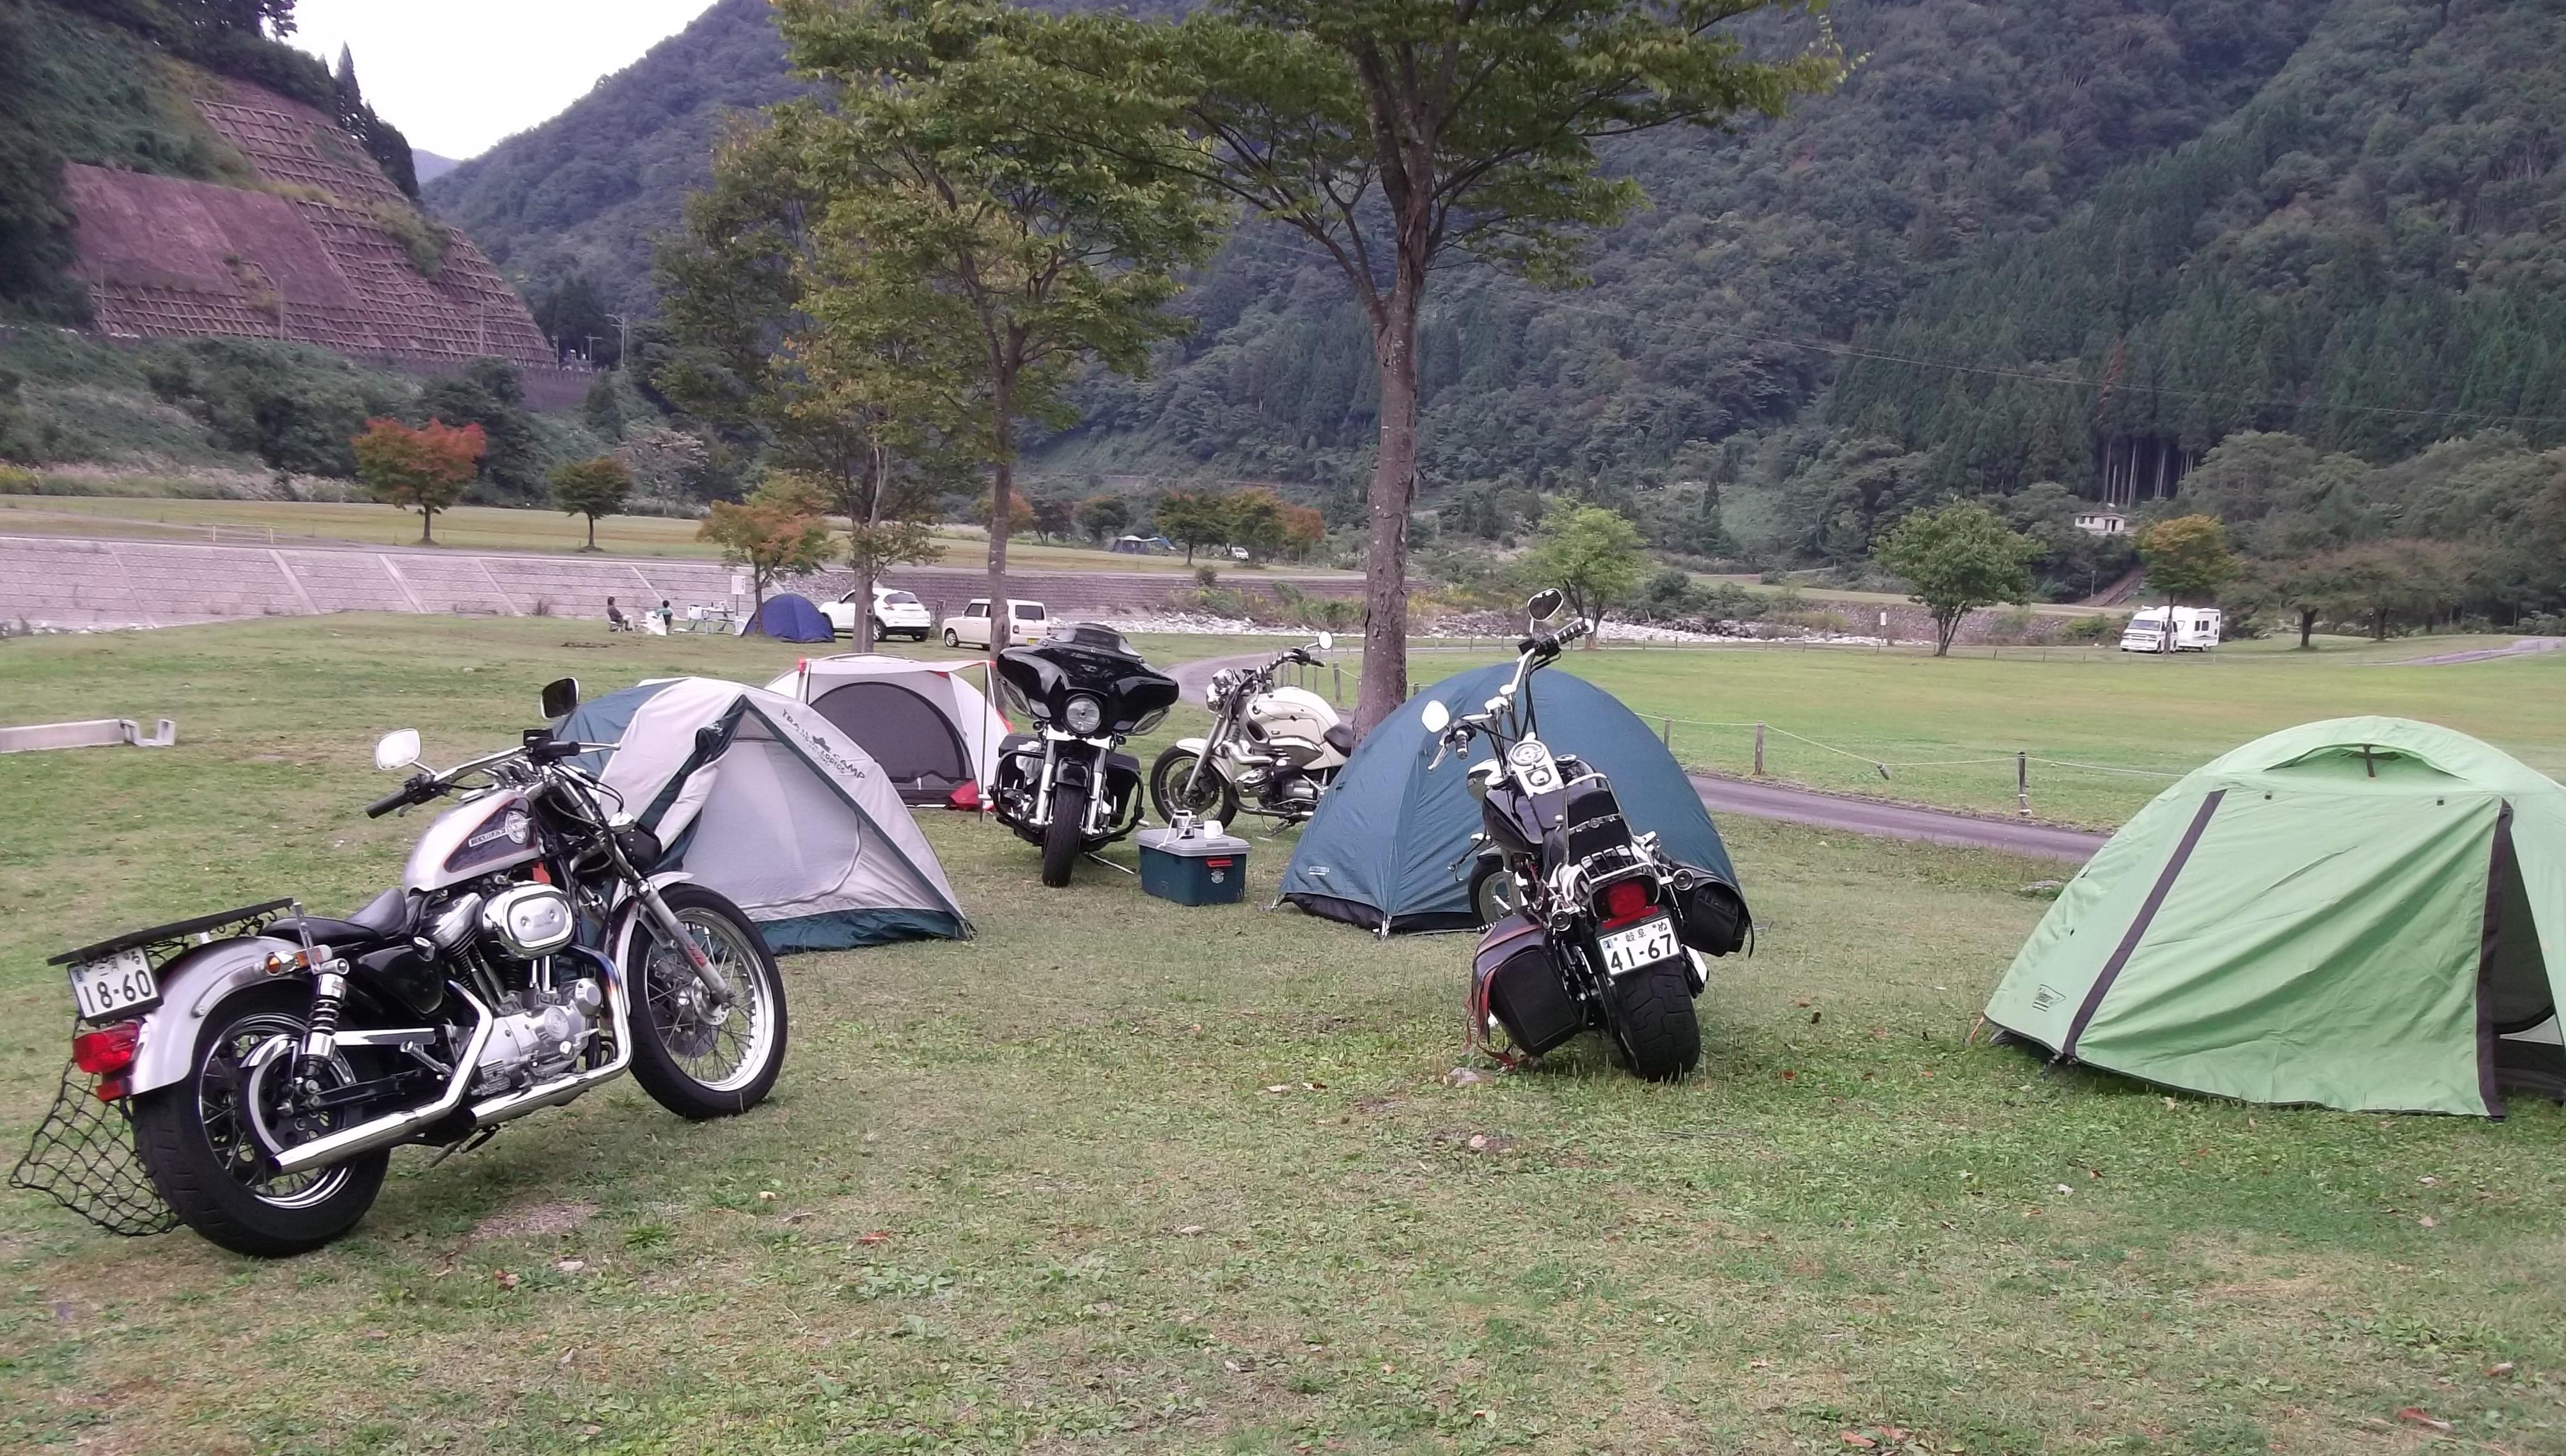 バイクで遠くへ行こう!キャンプツーリングに必要な道具をご紹介!のサムネイル画像